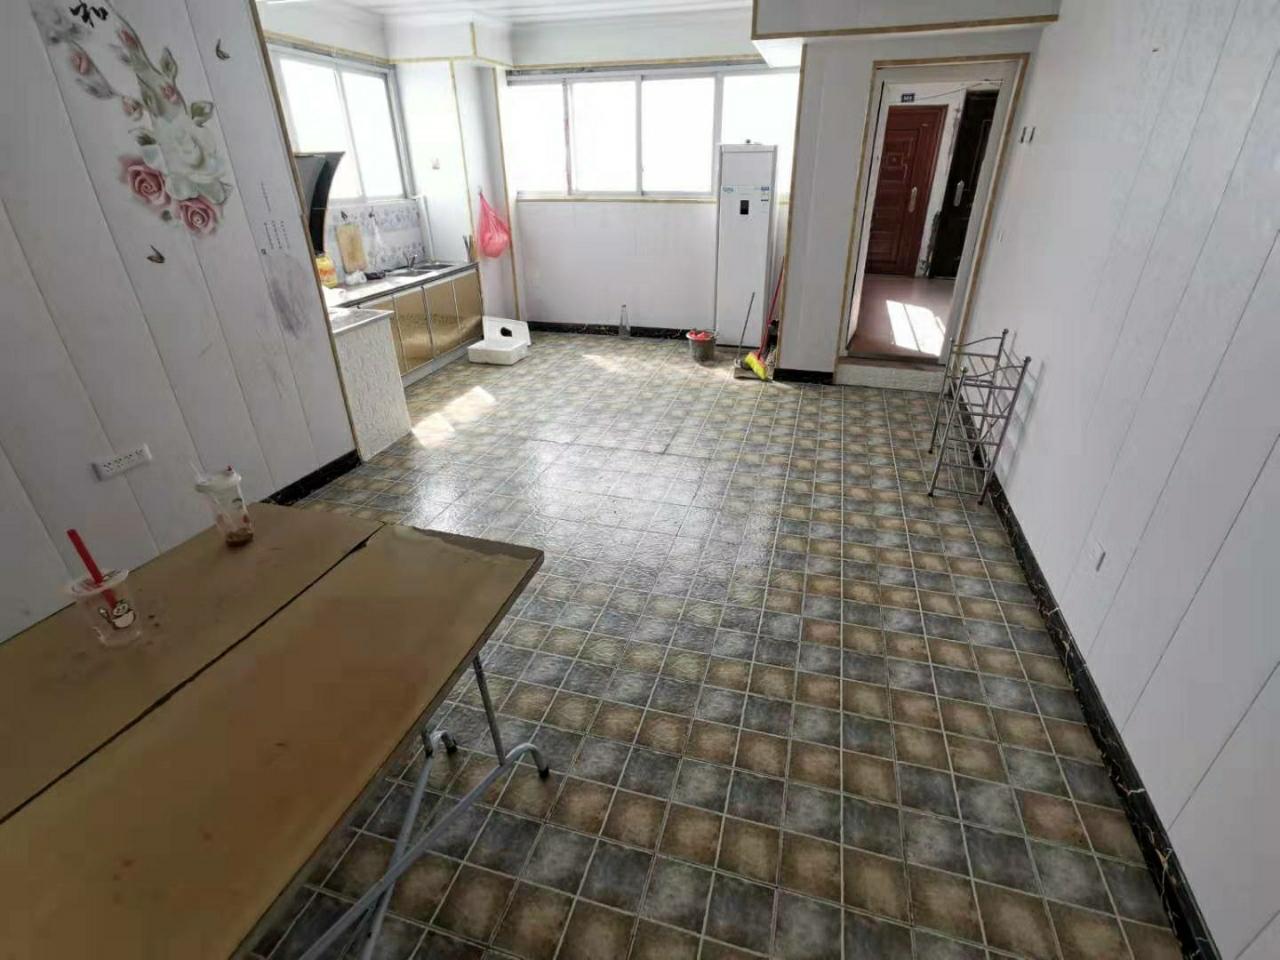 君临城尚3室 1产权有50平米附带40平米的阳光房